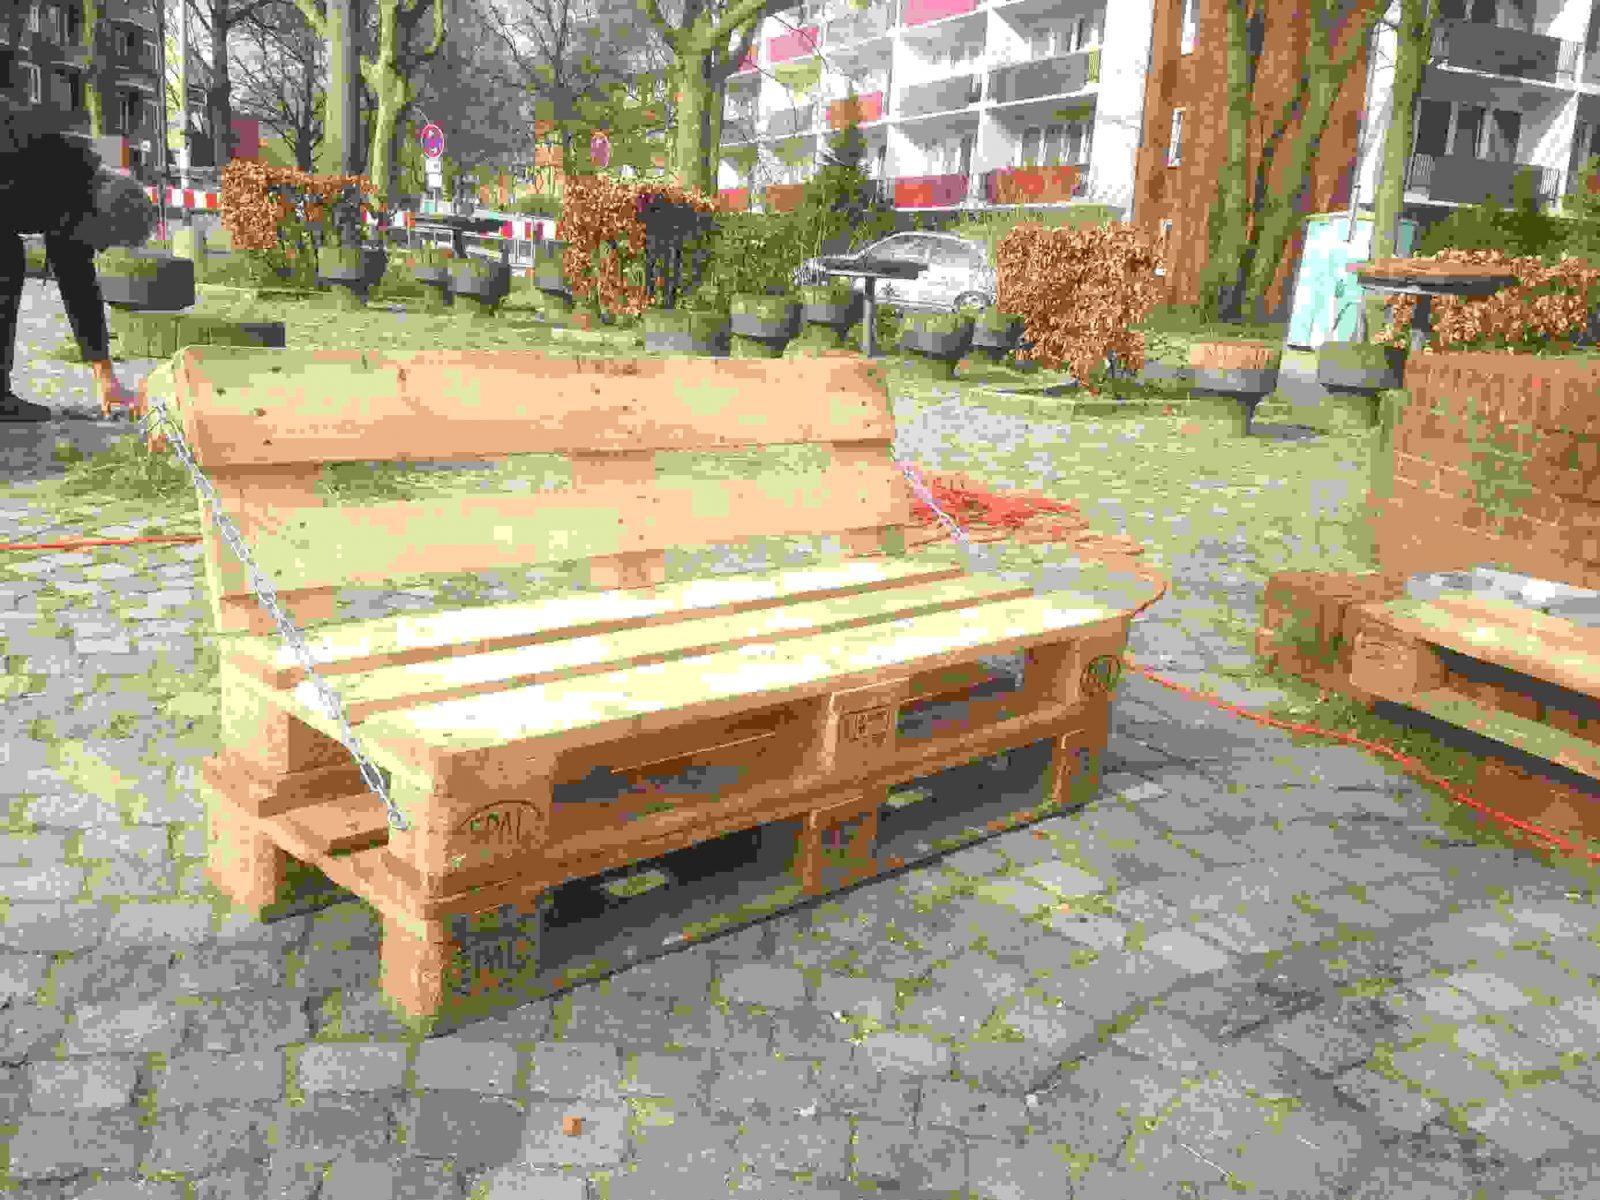 Tolle 40 Sitzecke Garten Selber Bauen Konzept Einzigartiger Garten